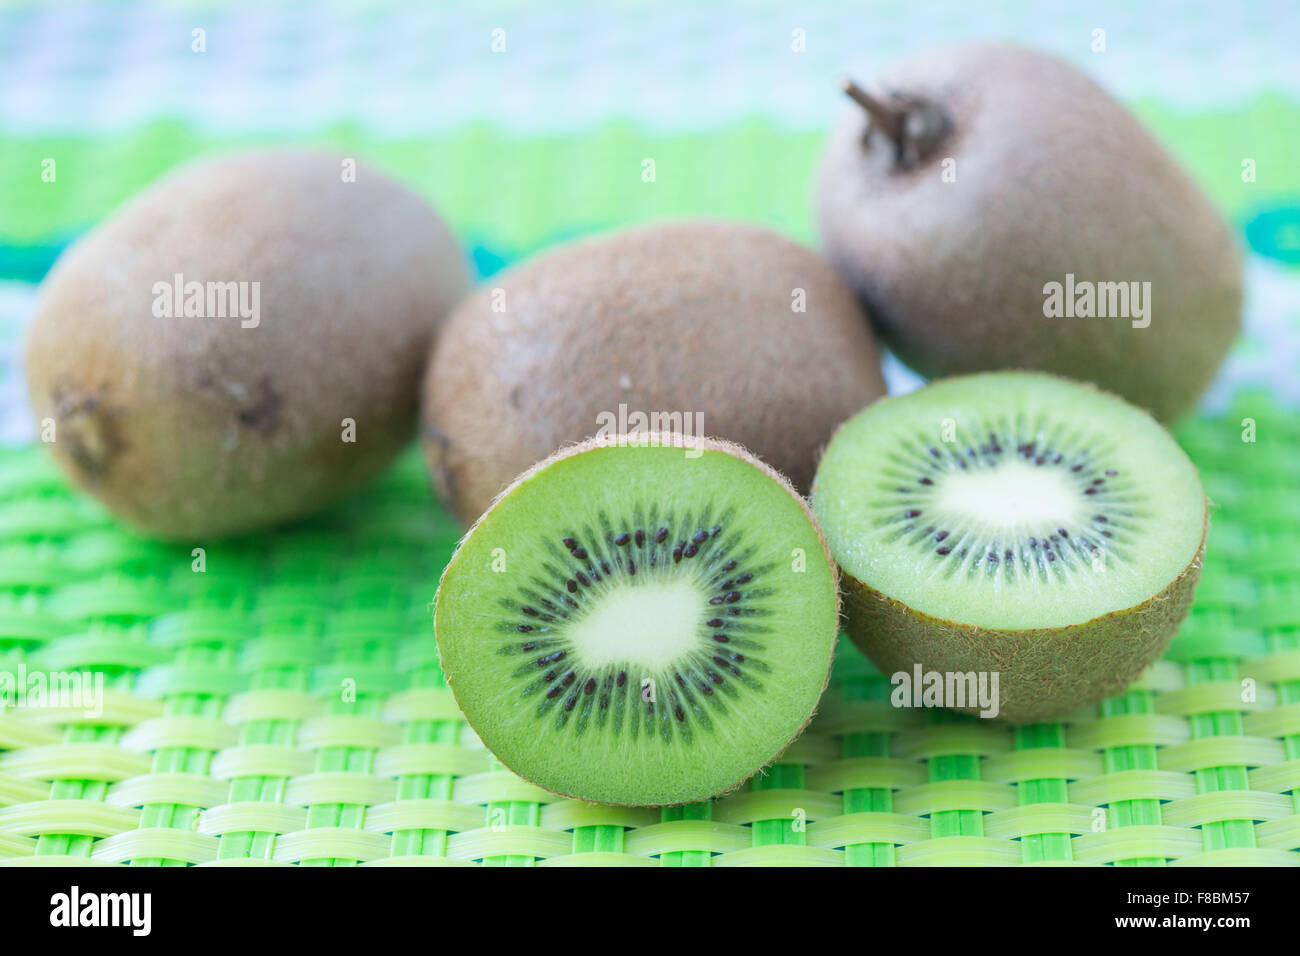 Kiwi fruit. - Stock Image